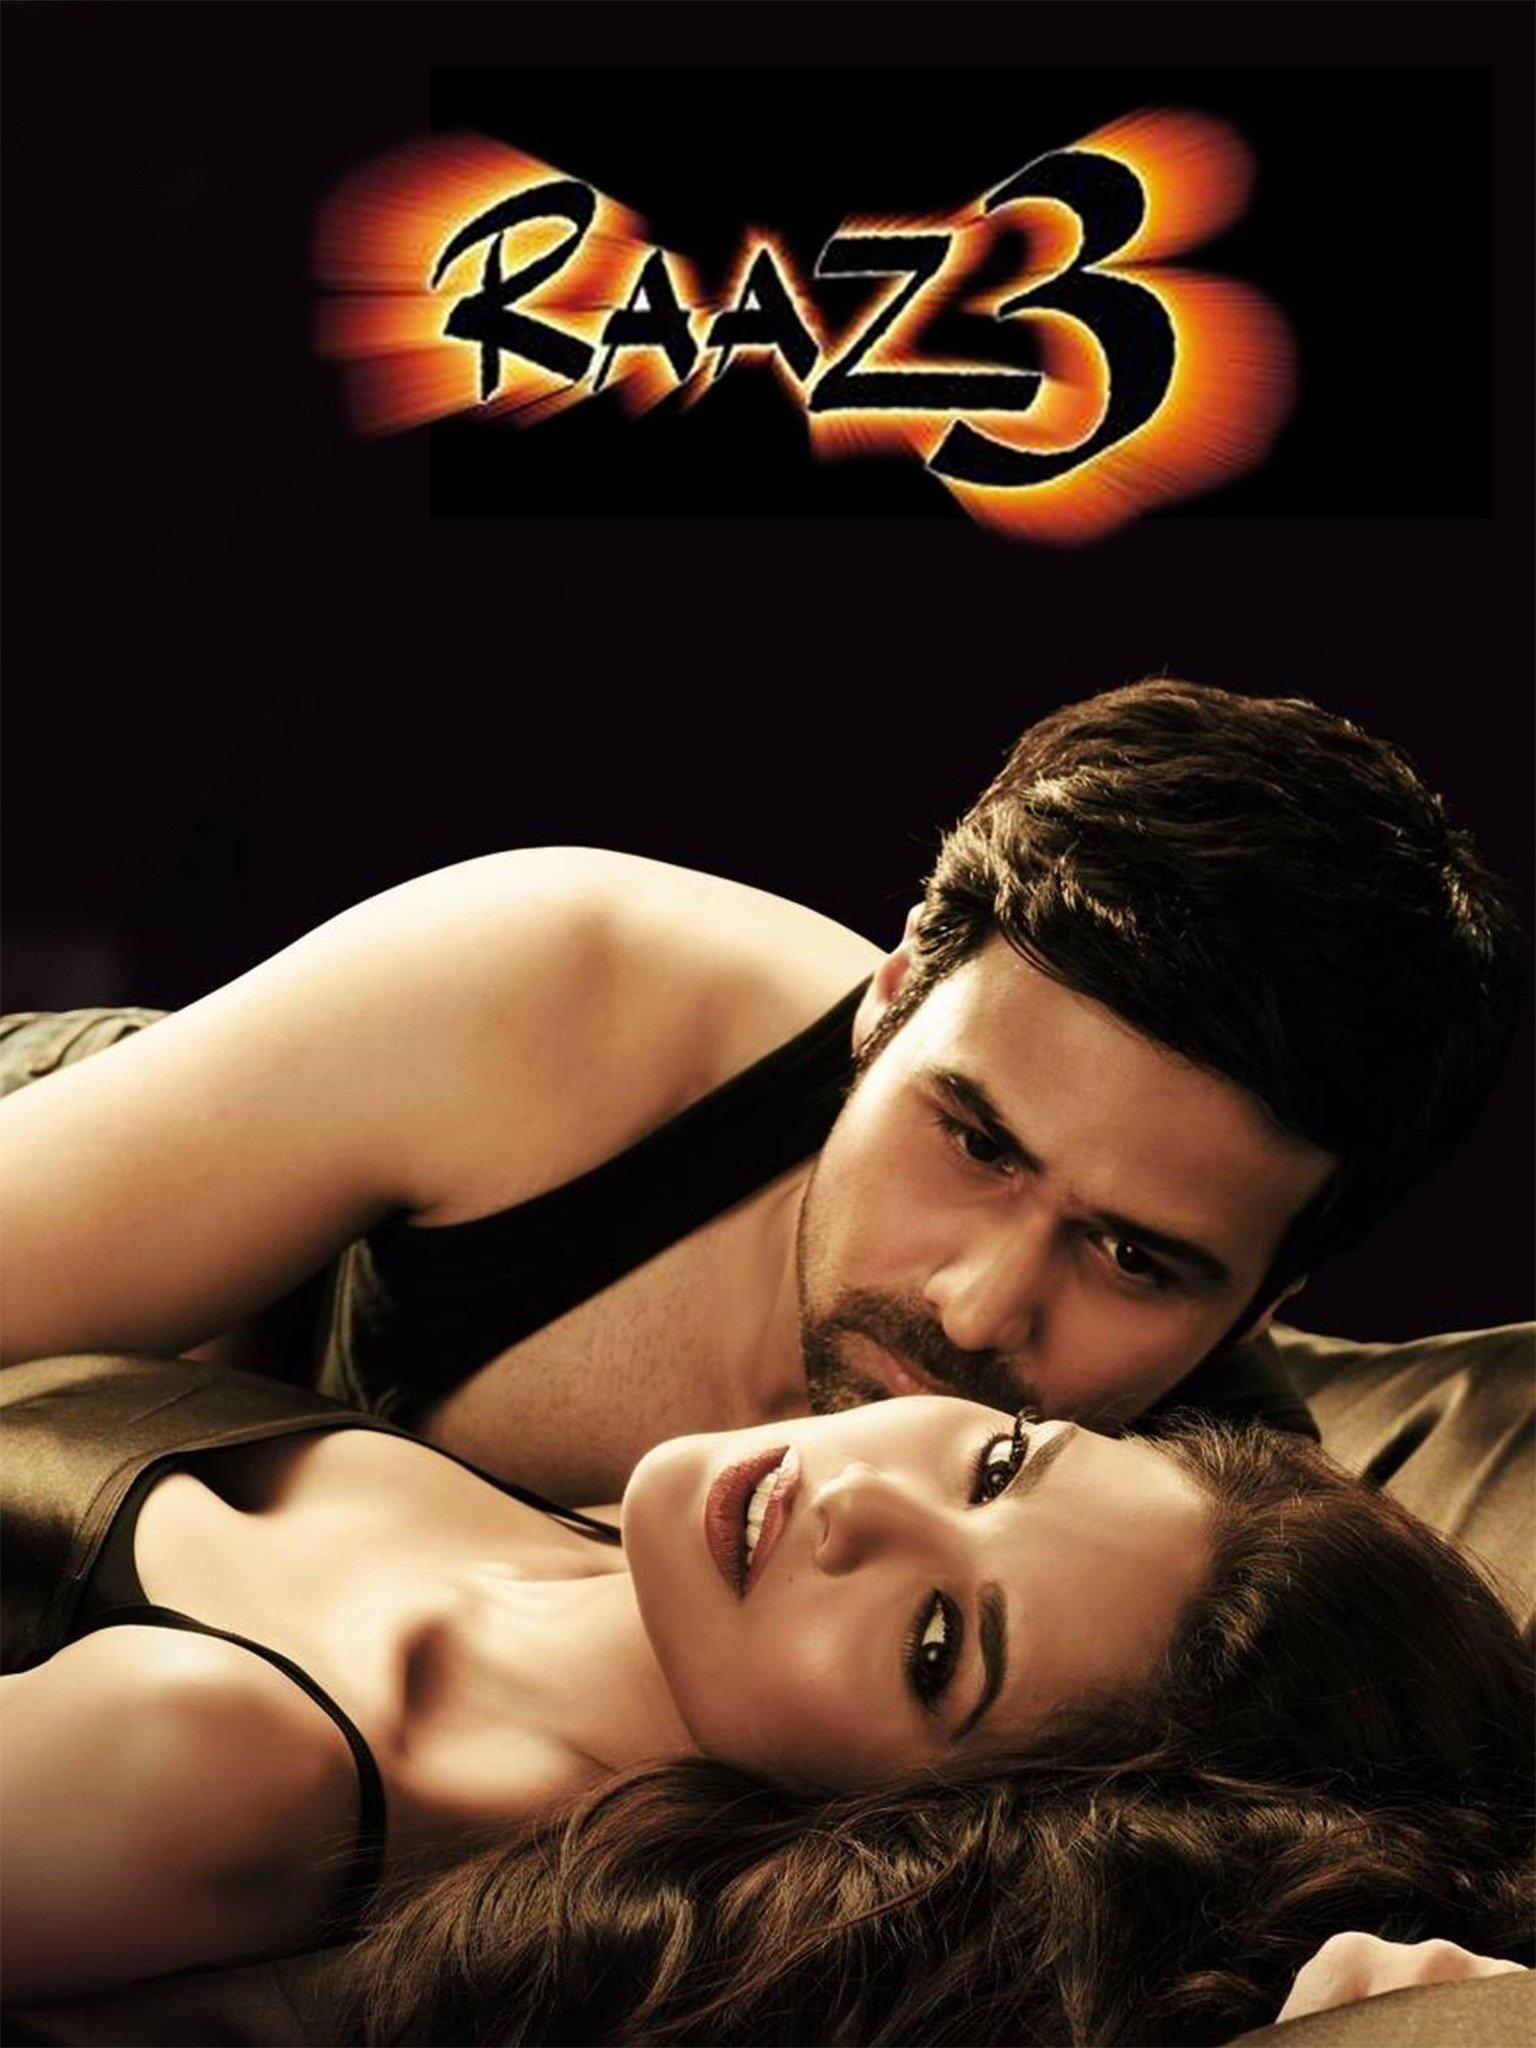 Raaz 3: The Third Dimension 3D